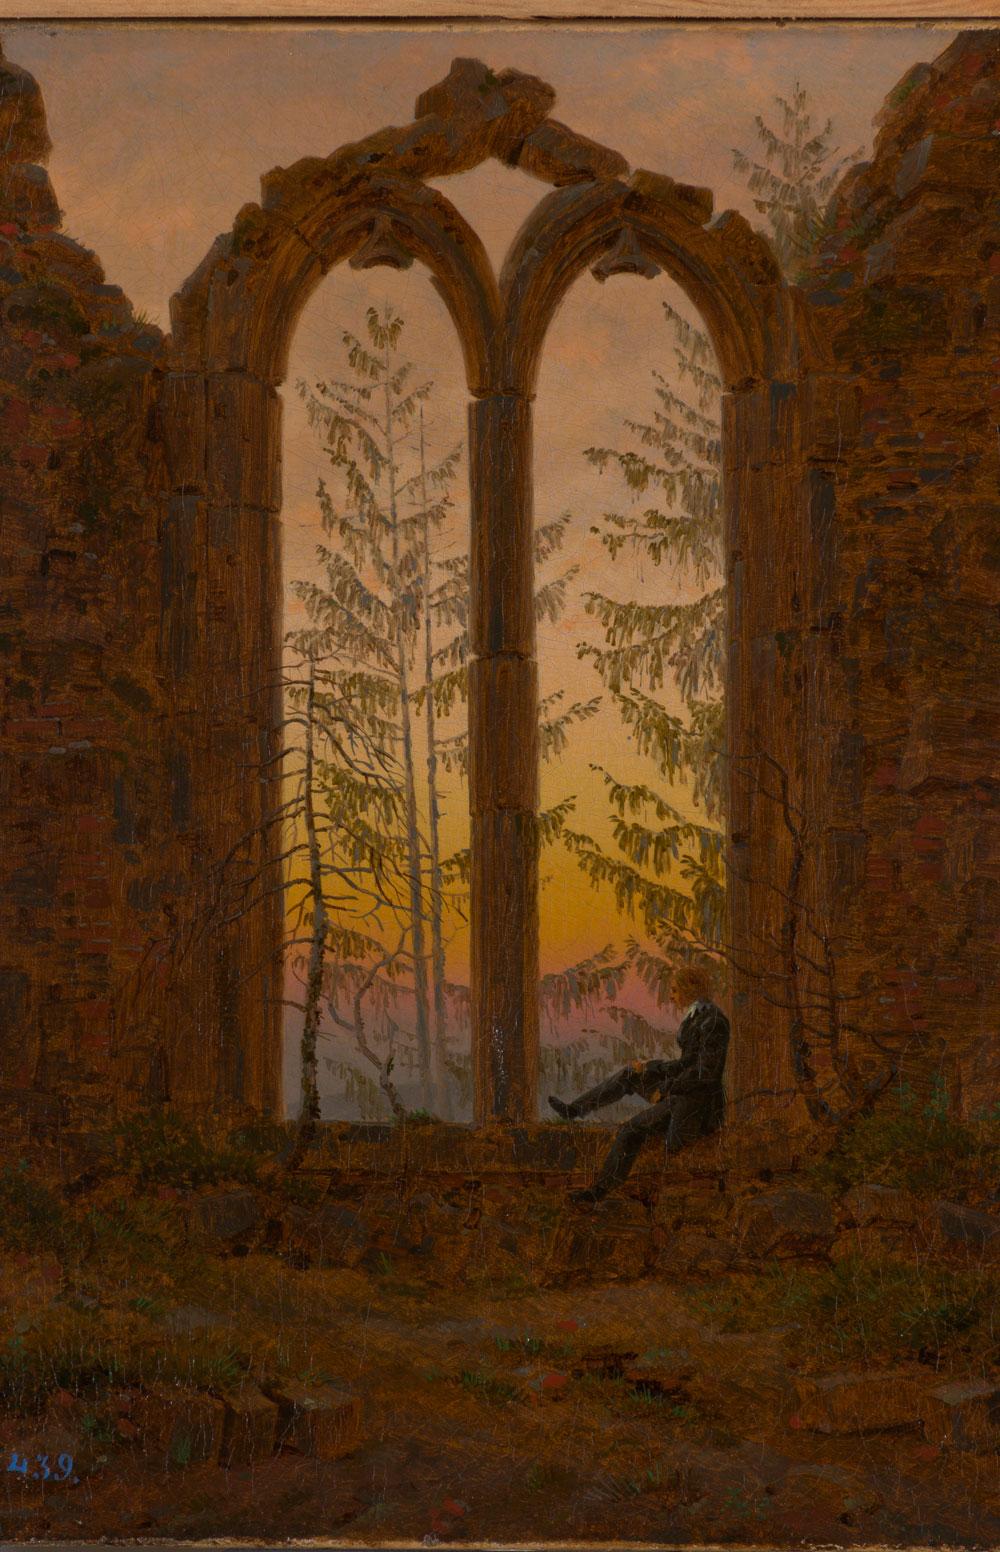 Futuruins, la mostra a Palazzo Fortuny che riflette sul senso delle rovine